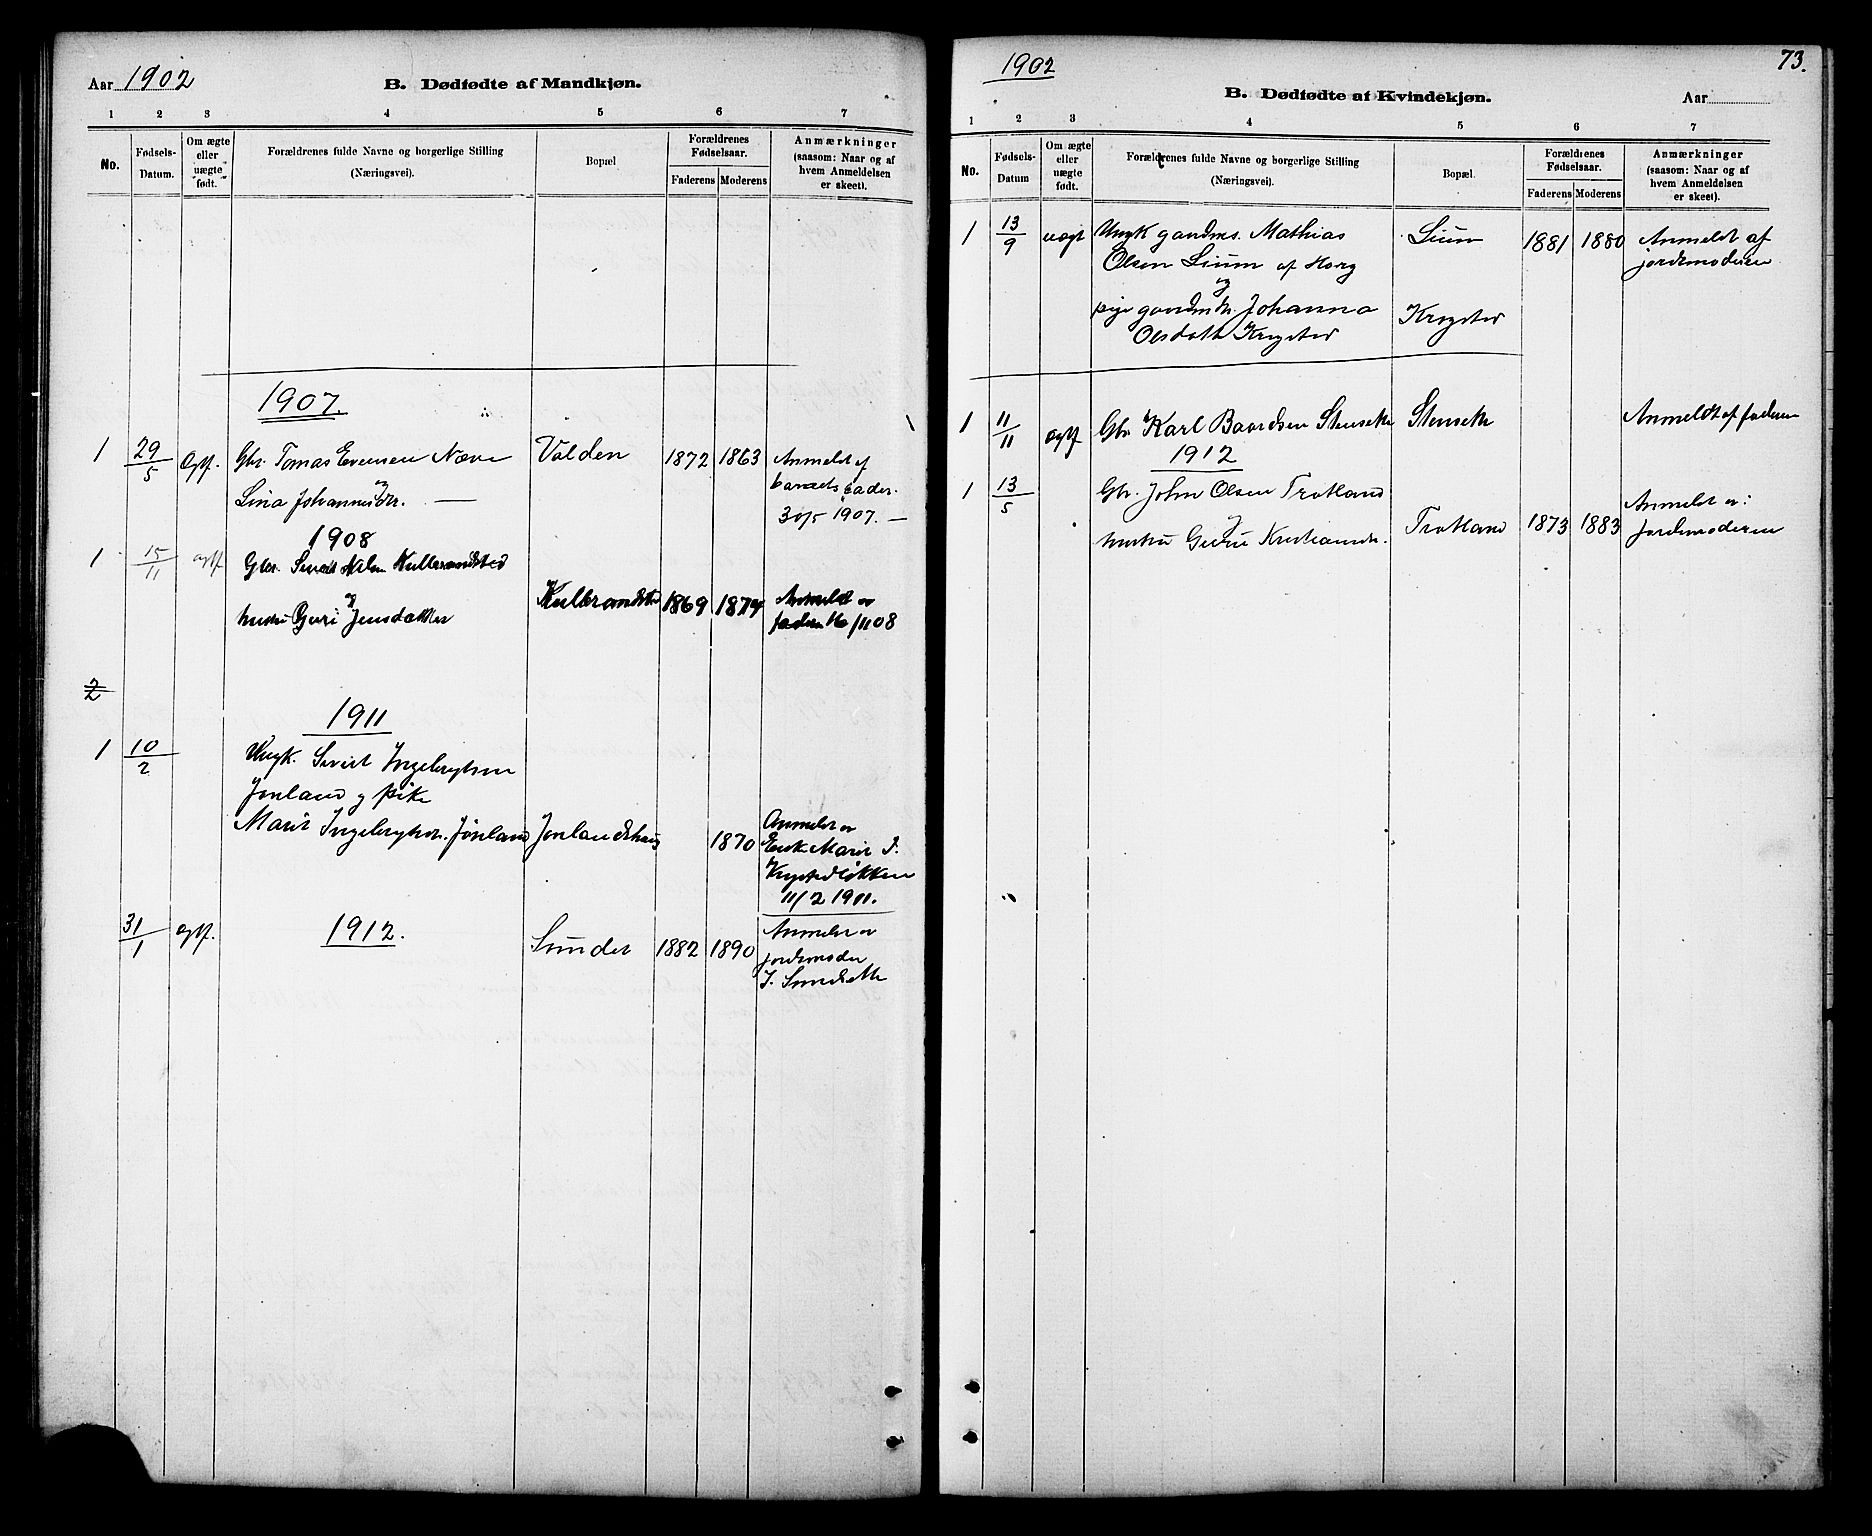 SAT, Ministerialprotokoller, klokkerbøker og fødselsregistre - Sør-Trøndelag, 694/L1132: Klokkerbok nr. 694C04, 1887-1914, s. 73